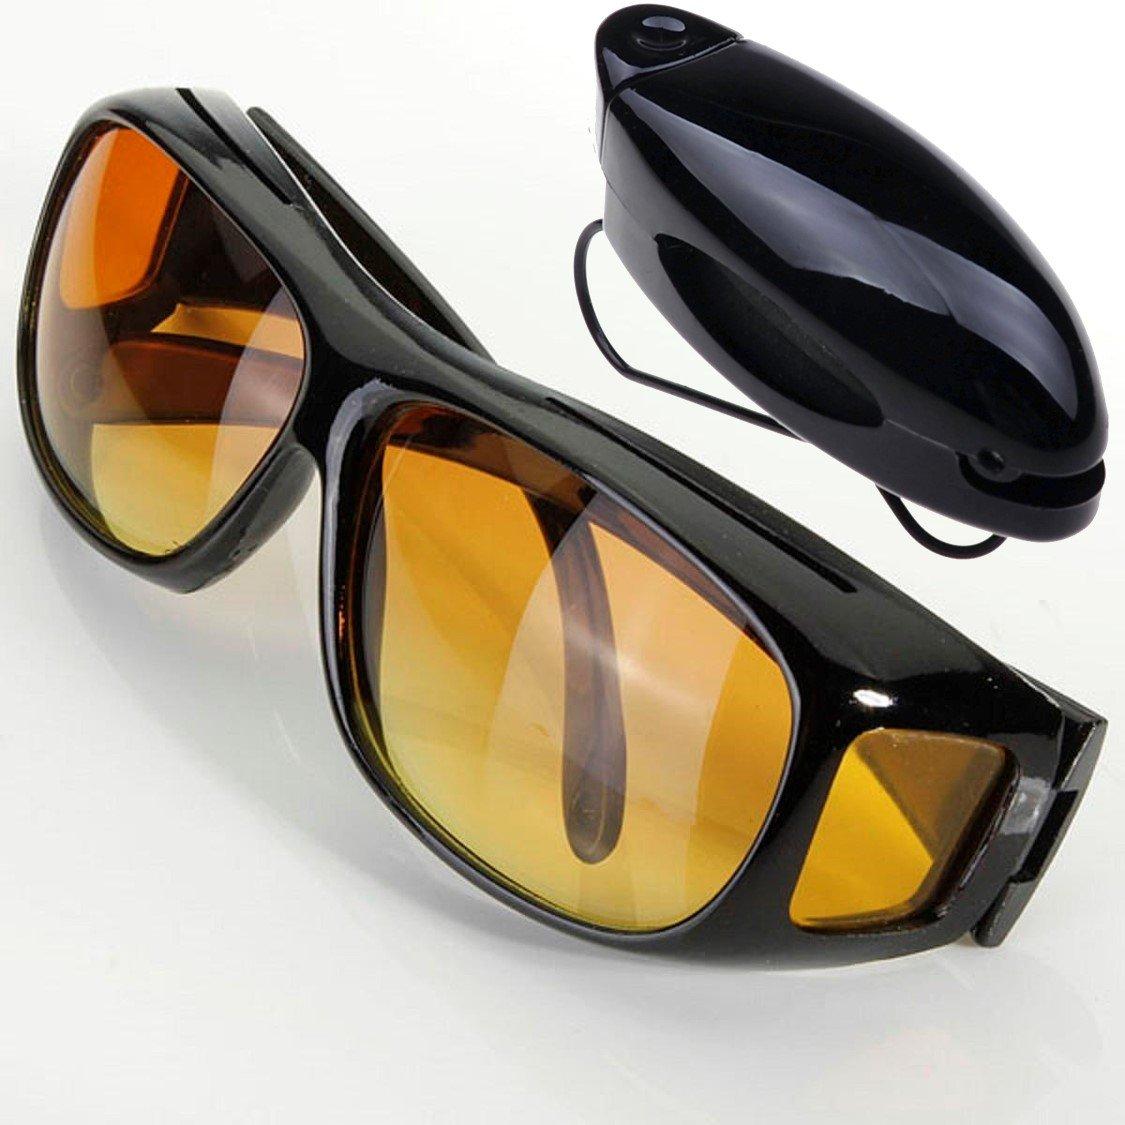 Braun ► Fahr Occhiali Contrasto in macchina con occhiali protezione contro diffondono luce UV e rivestimento antiriflesso. Occhiali antiriflesso con contrasto elevato guadagno per Scharfes vedere bei schwierigem luce. XalpT